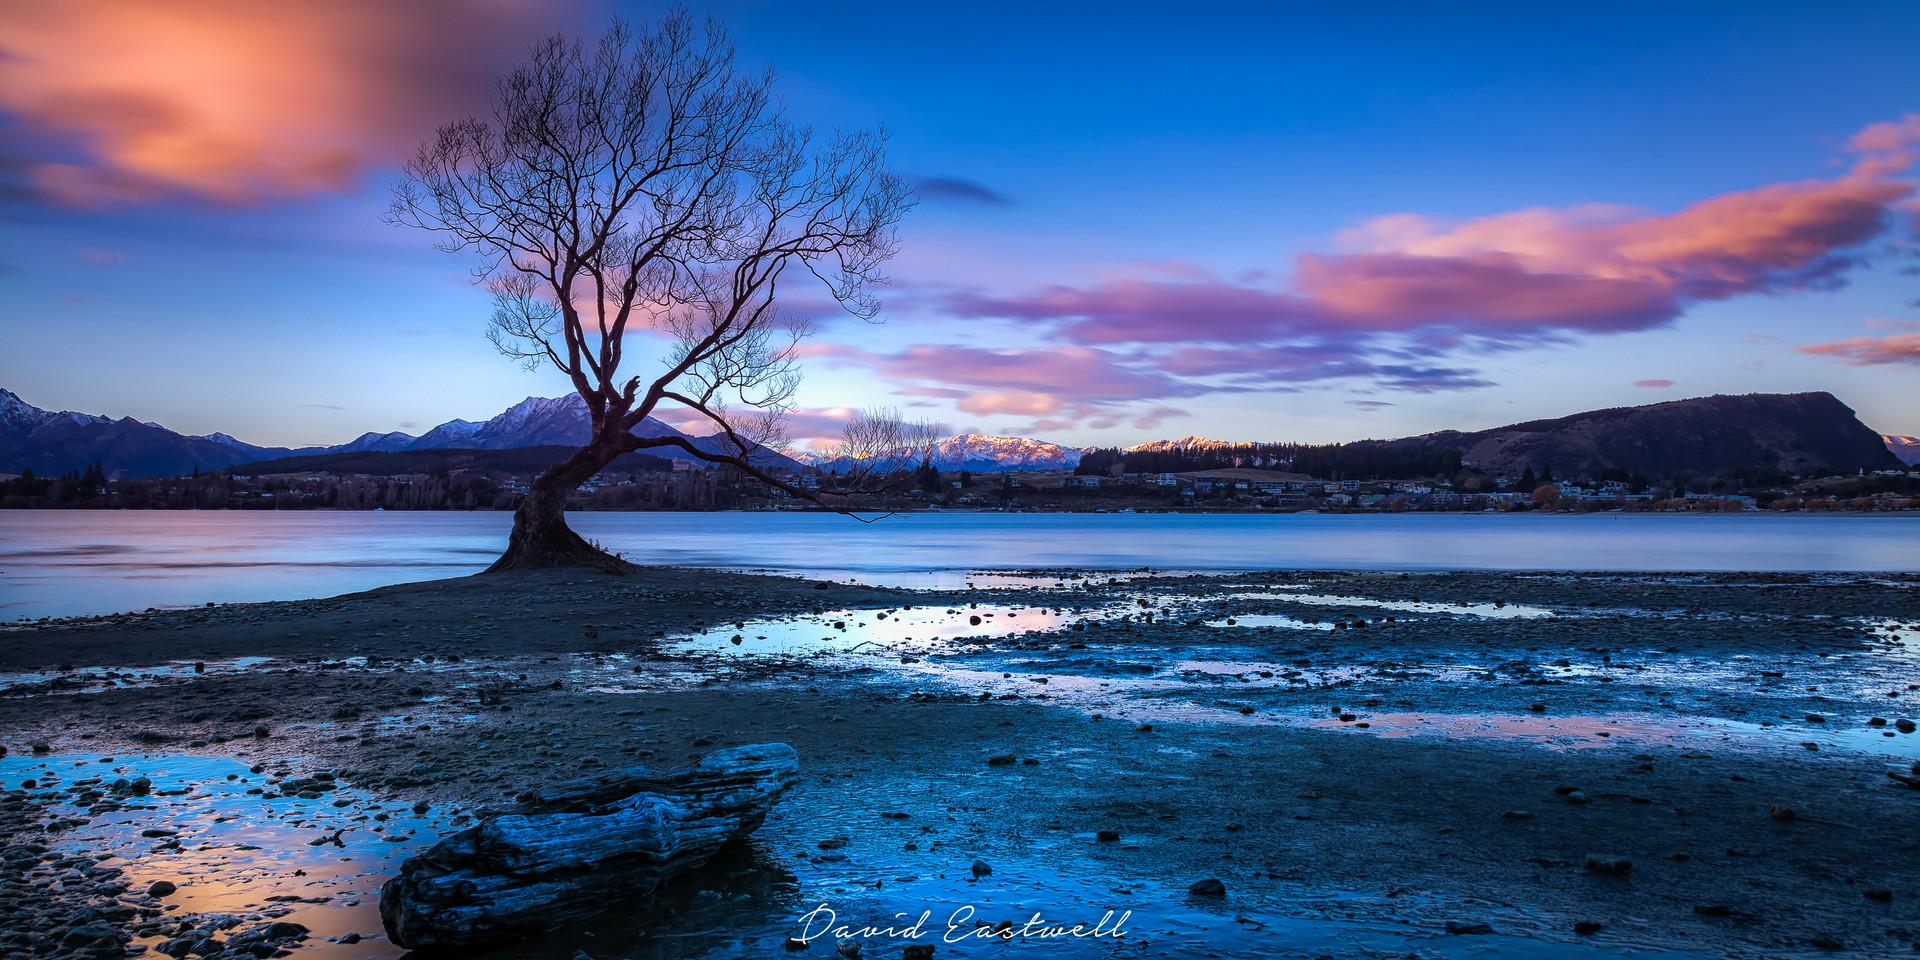 The Wanaka Tree-.jpg